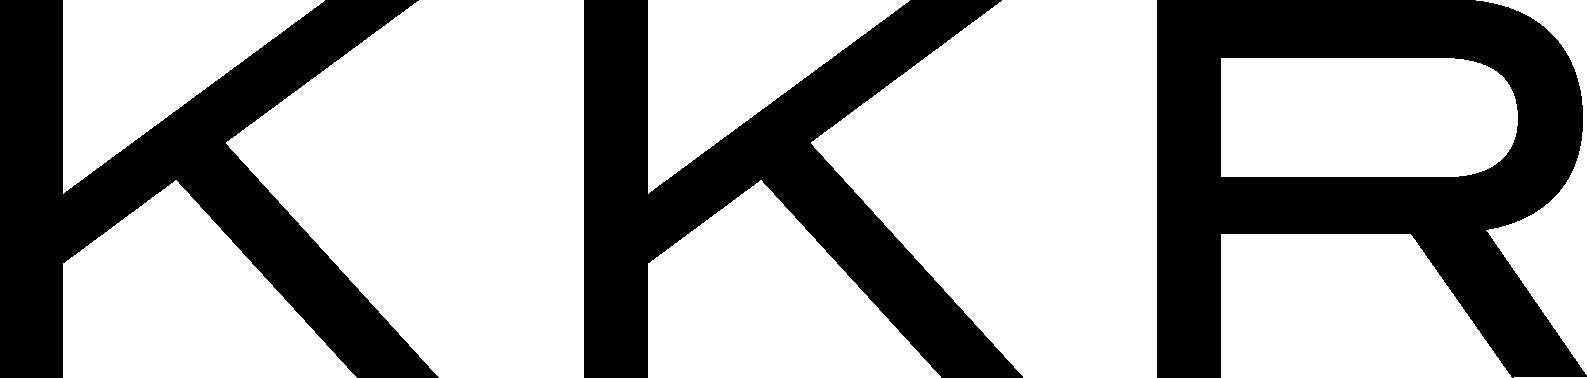 Kkr logo clipart image download KKR Logo Vector Icon Template Clipart Free Download image download